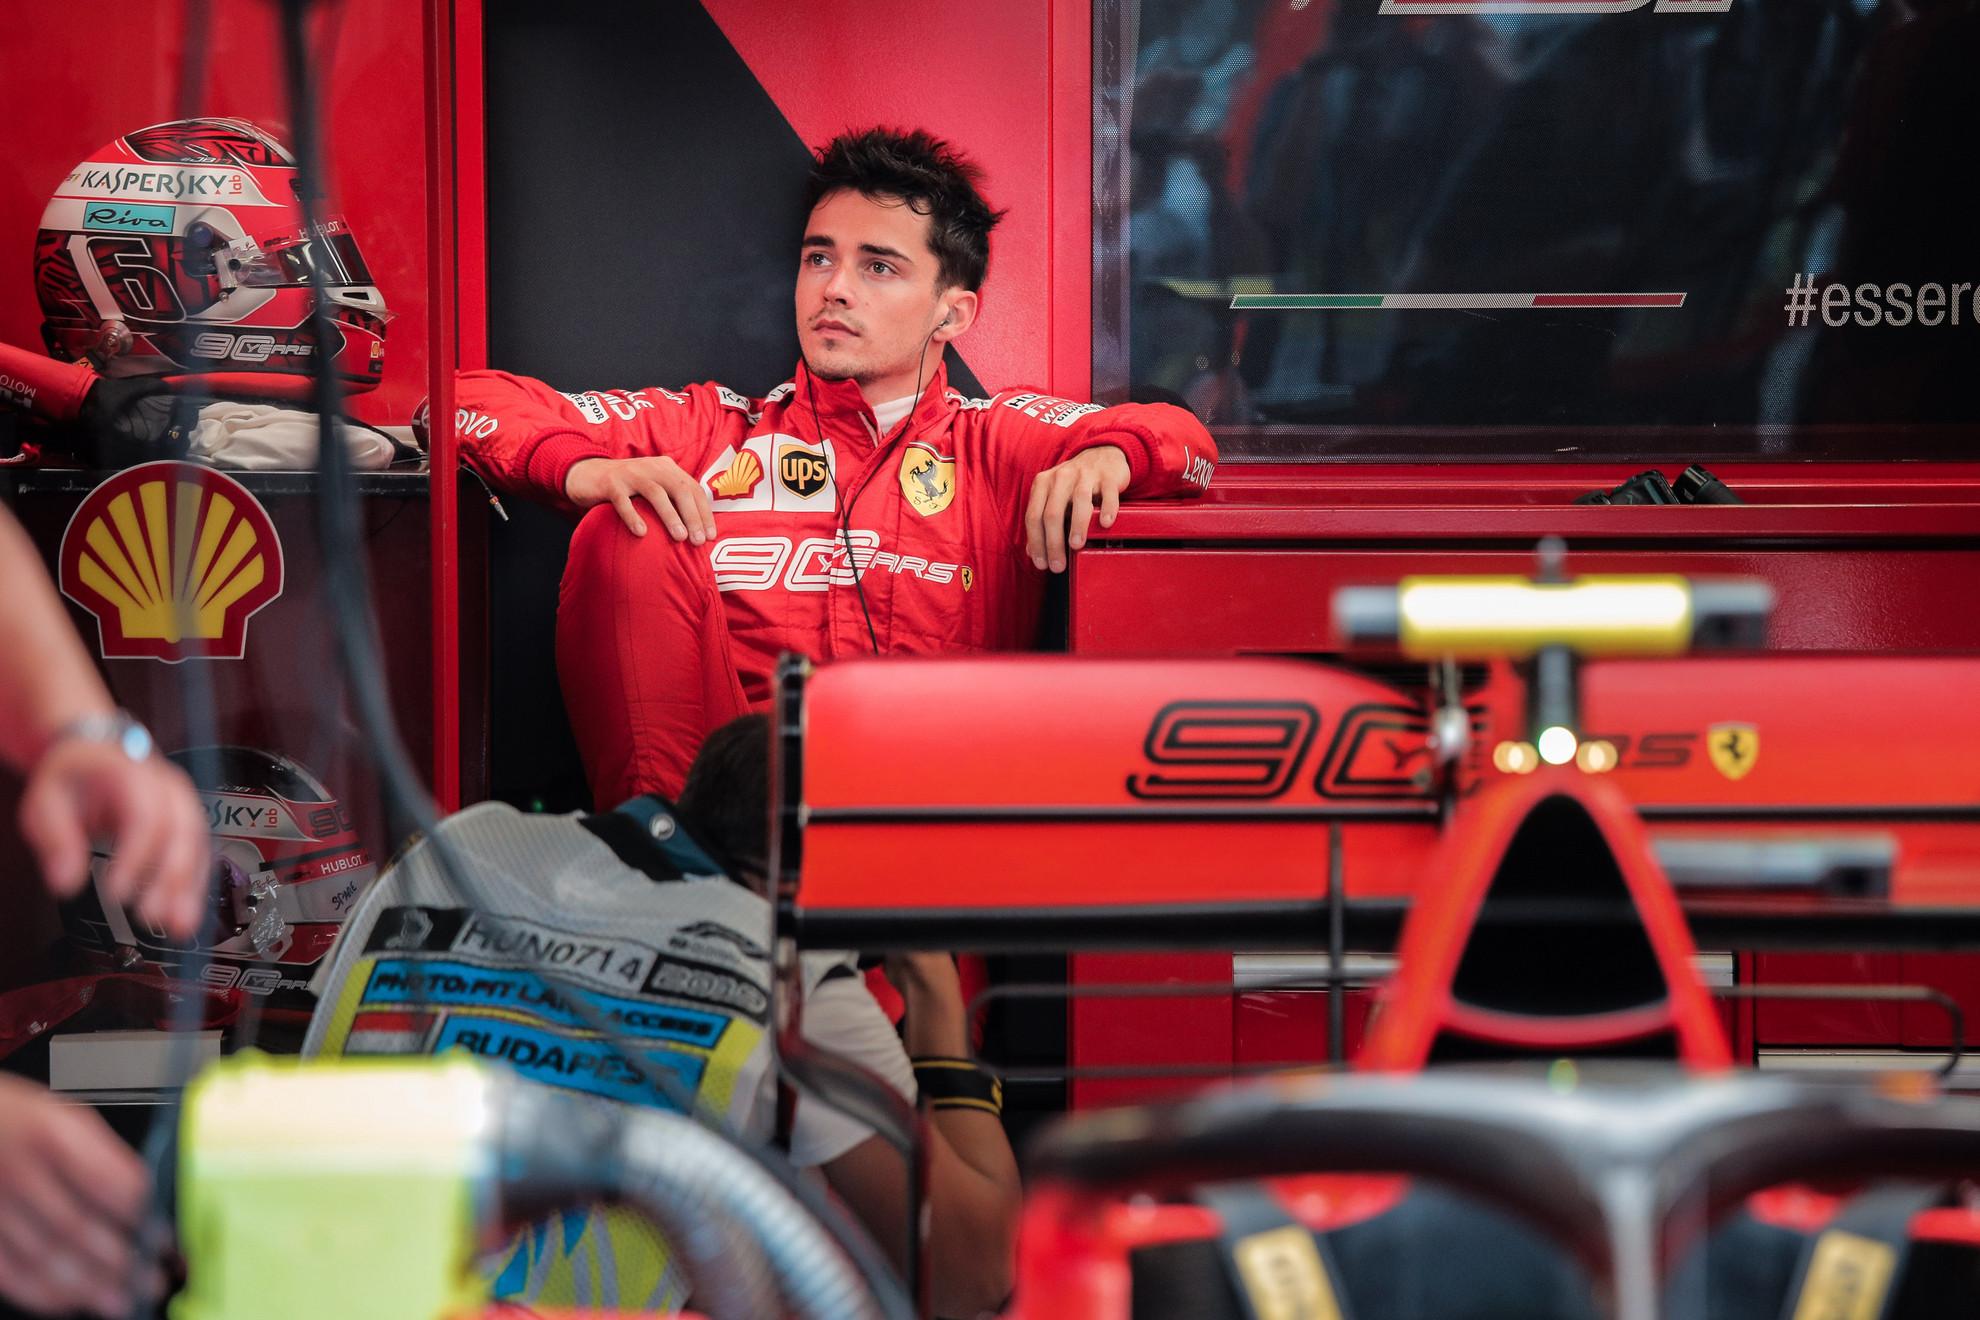 A 21 éves Charles Leclerc az indulásra vár a szombati időmérő napján